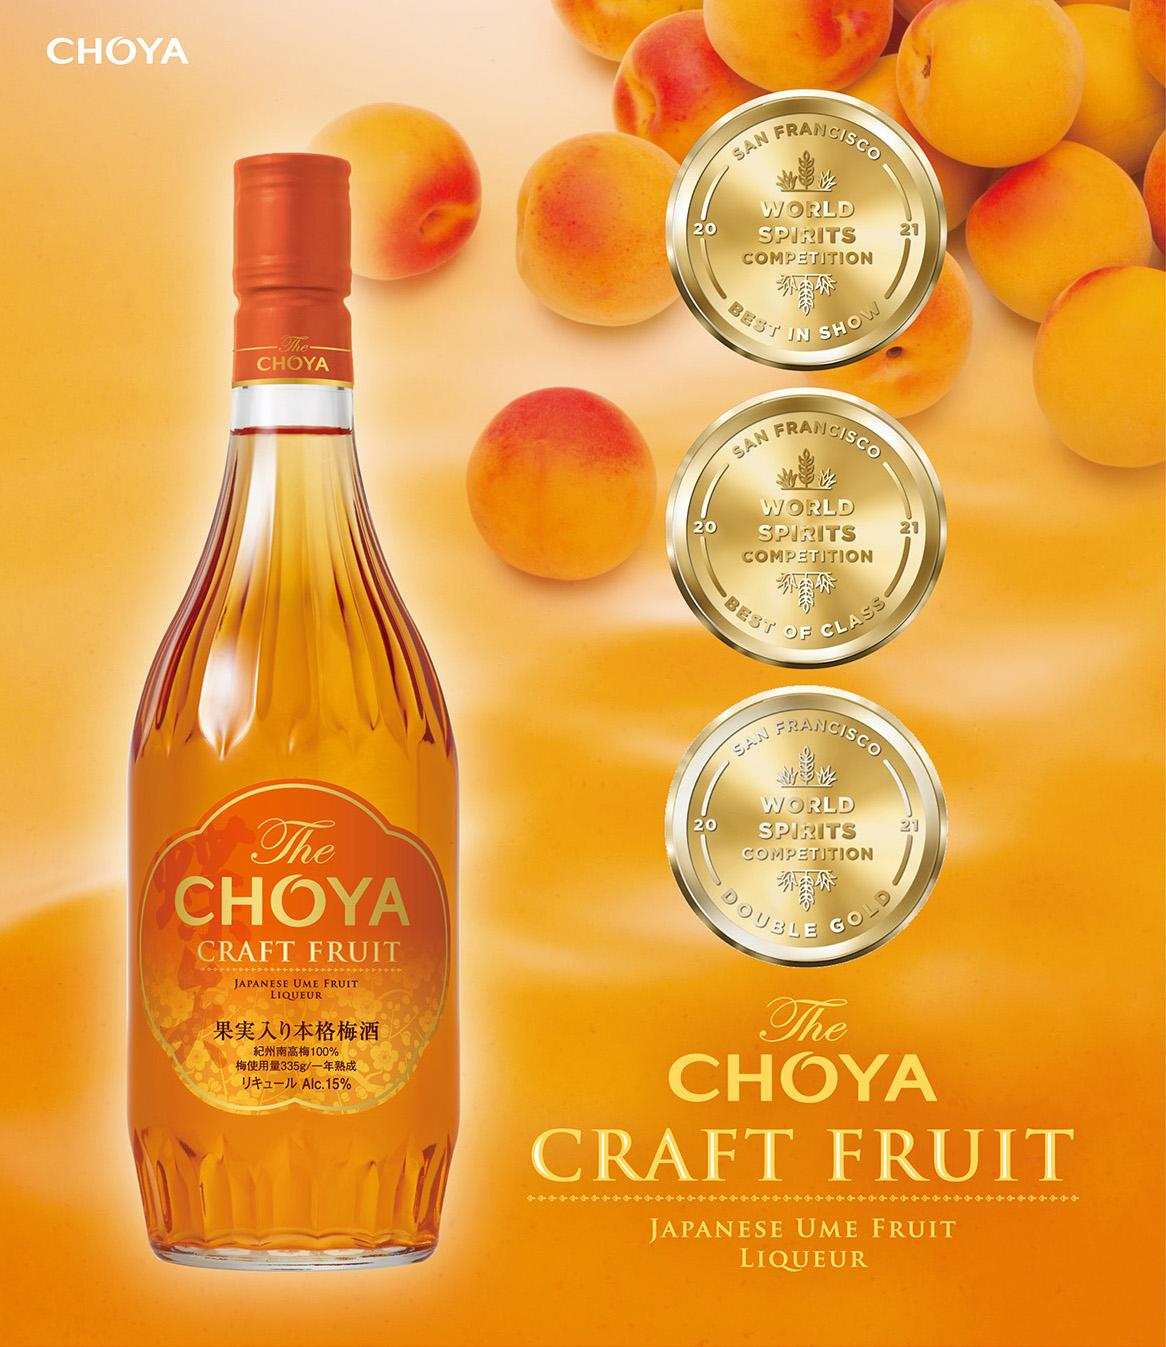 国際的な酒類品評会「SFWSC2021」にてリキュール世界一の称号「ベスト イン ショウ リキュール... 画像